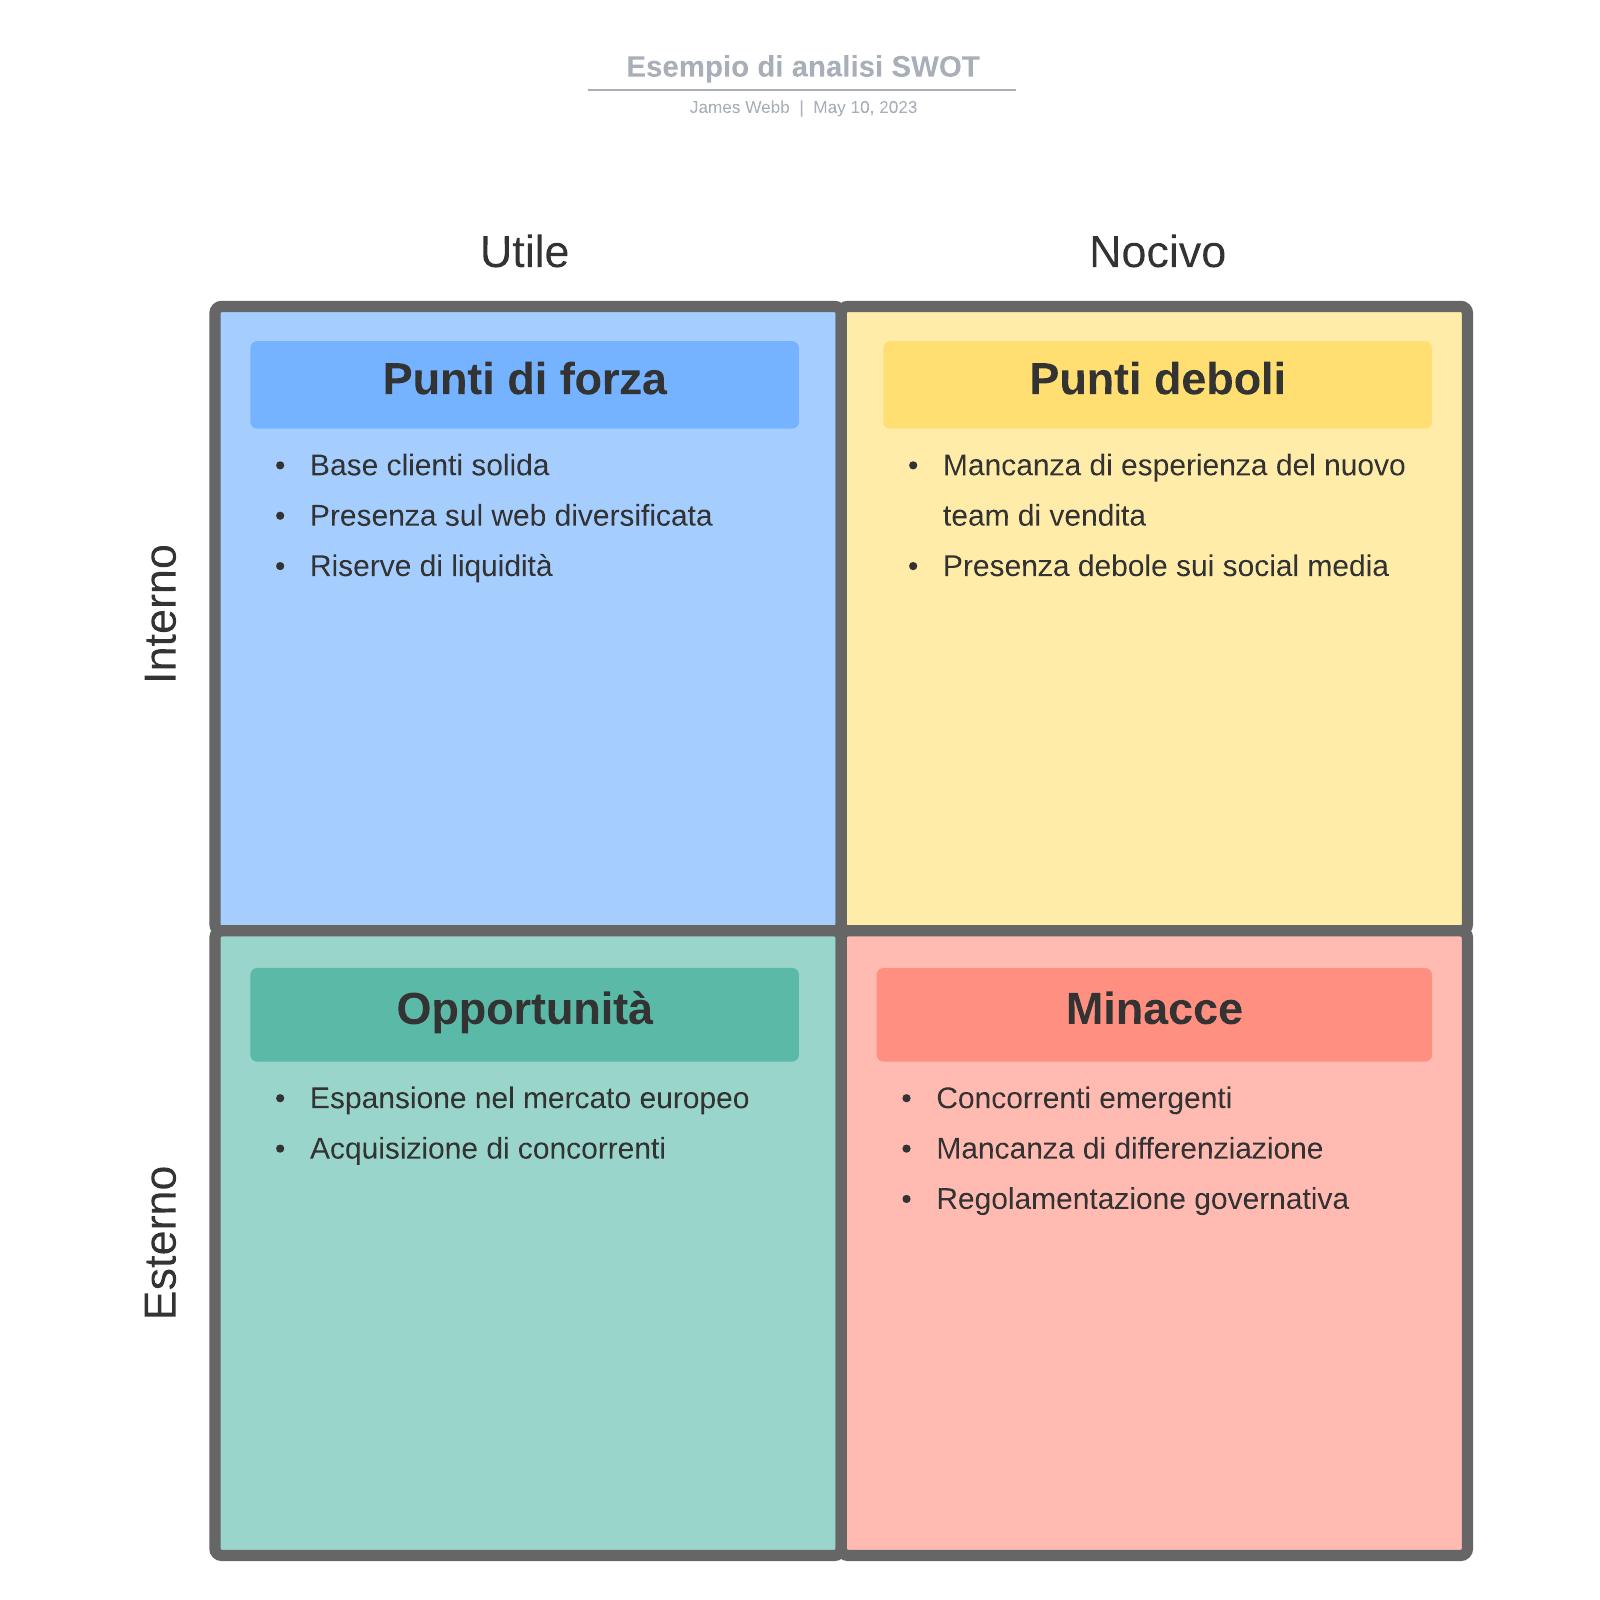 Esempio di analisi SWOT